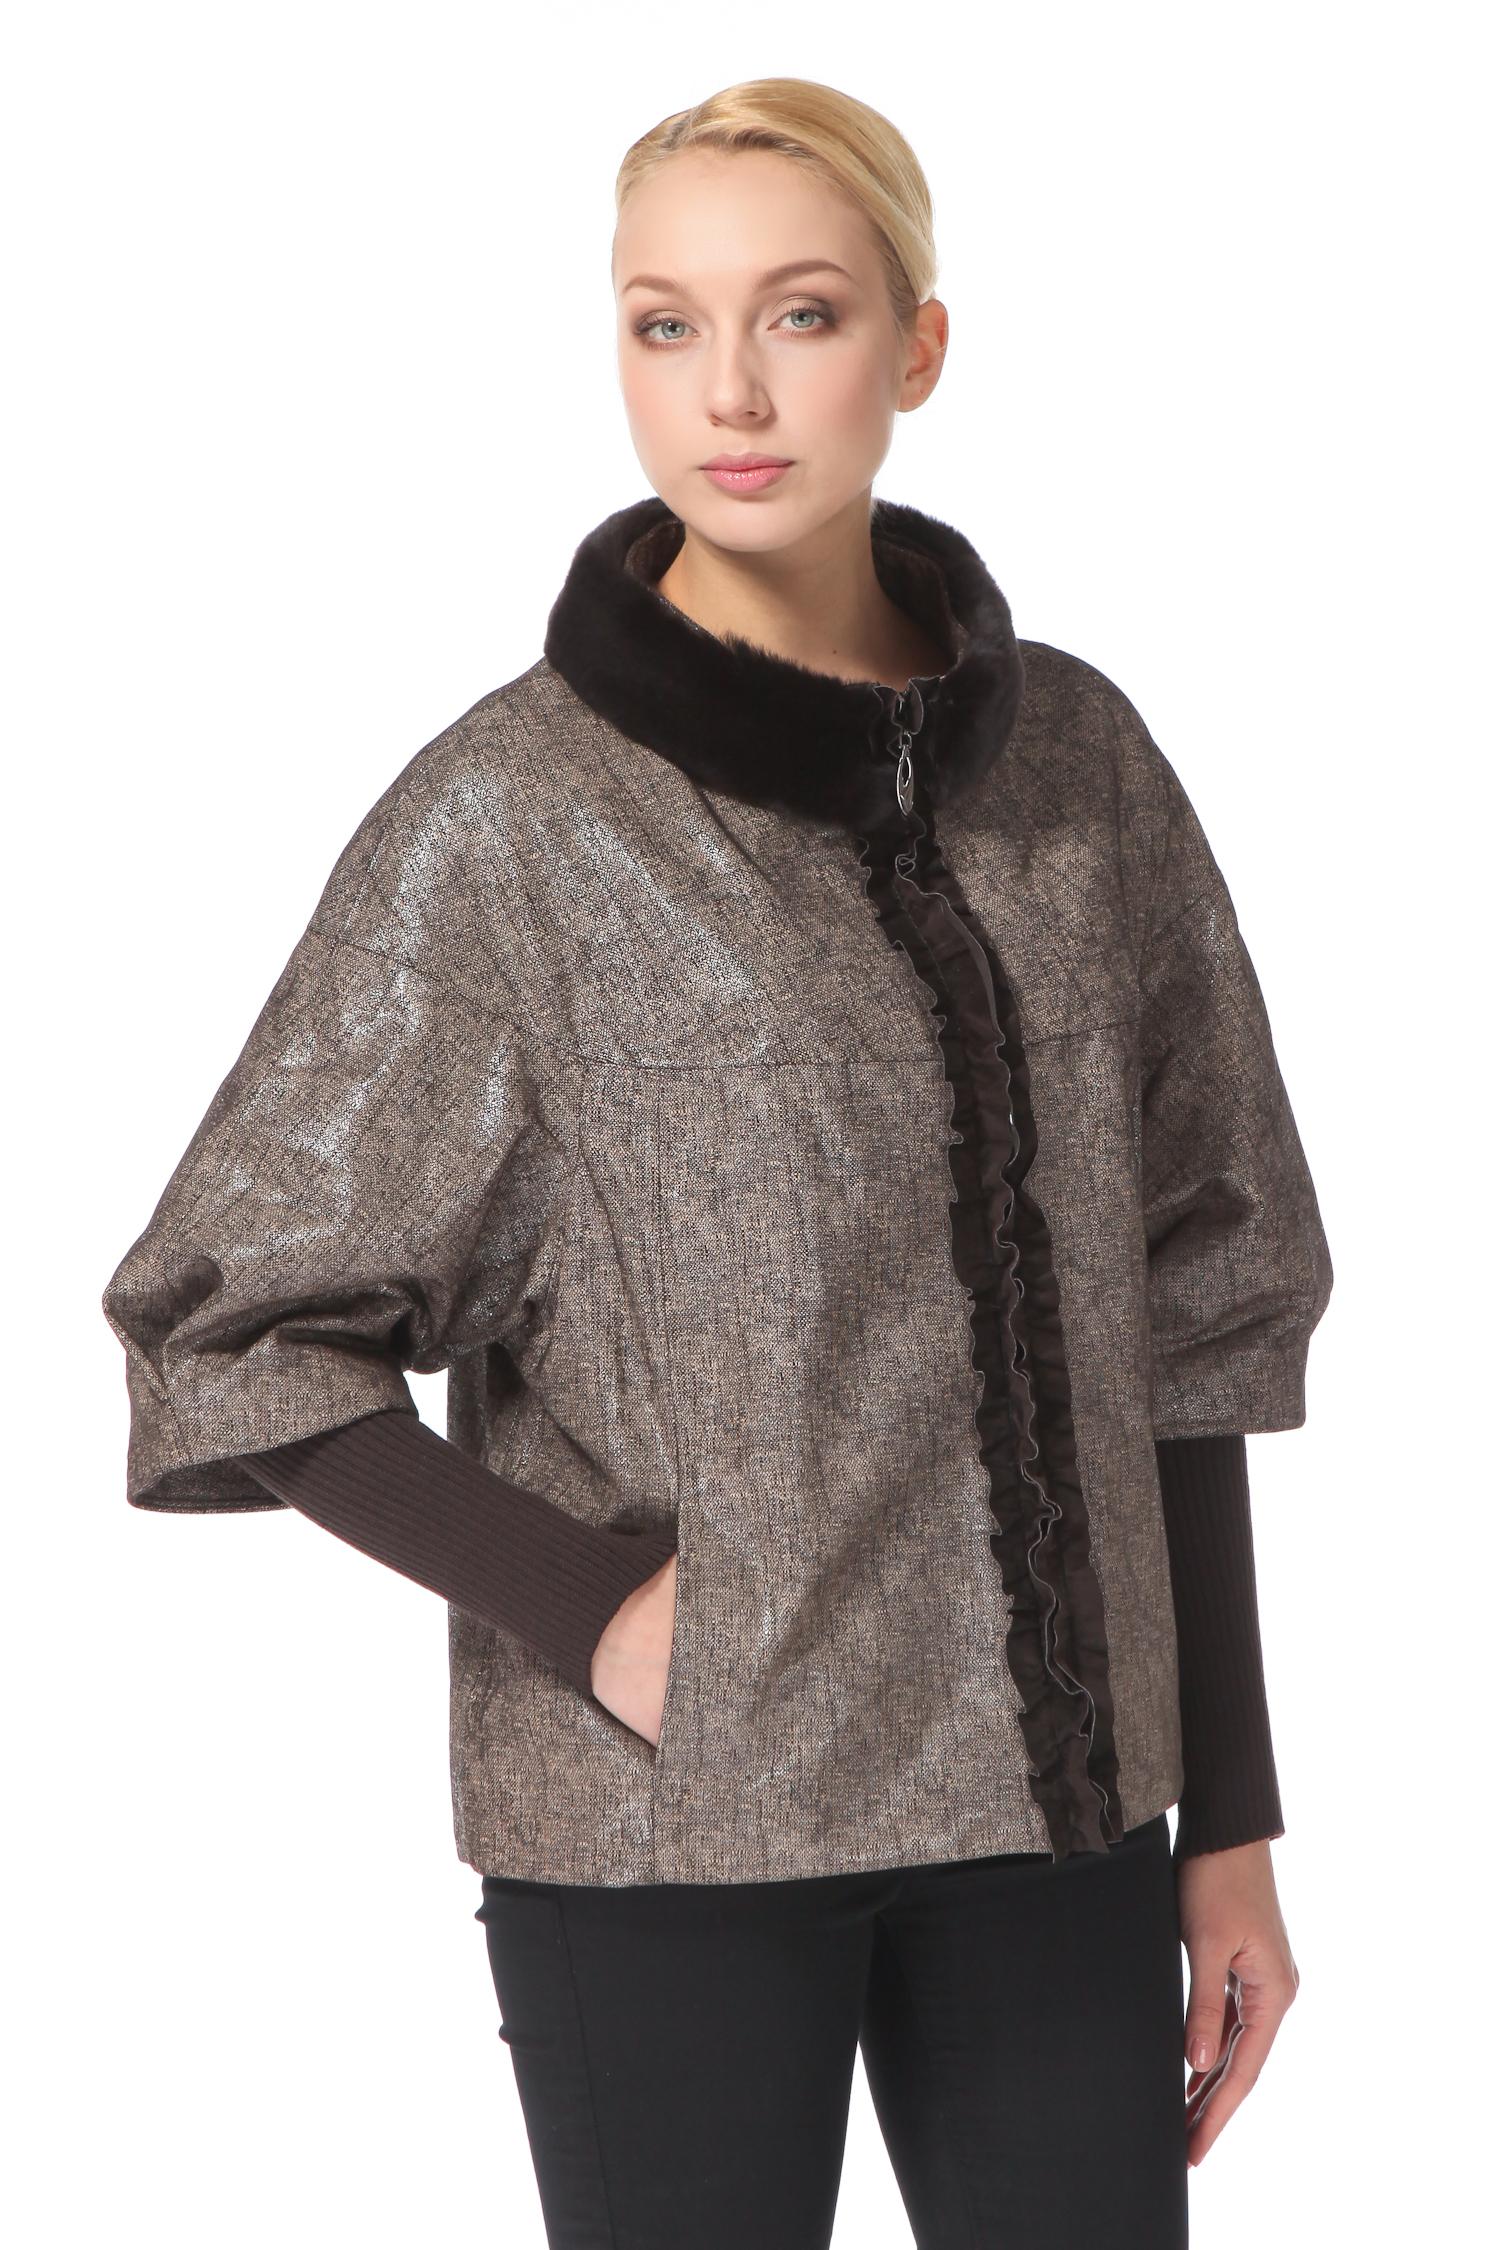 Женская кожаная куртка из натуральной замши (с накатом) с воротником, отделка кролик